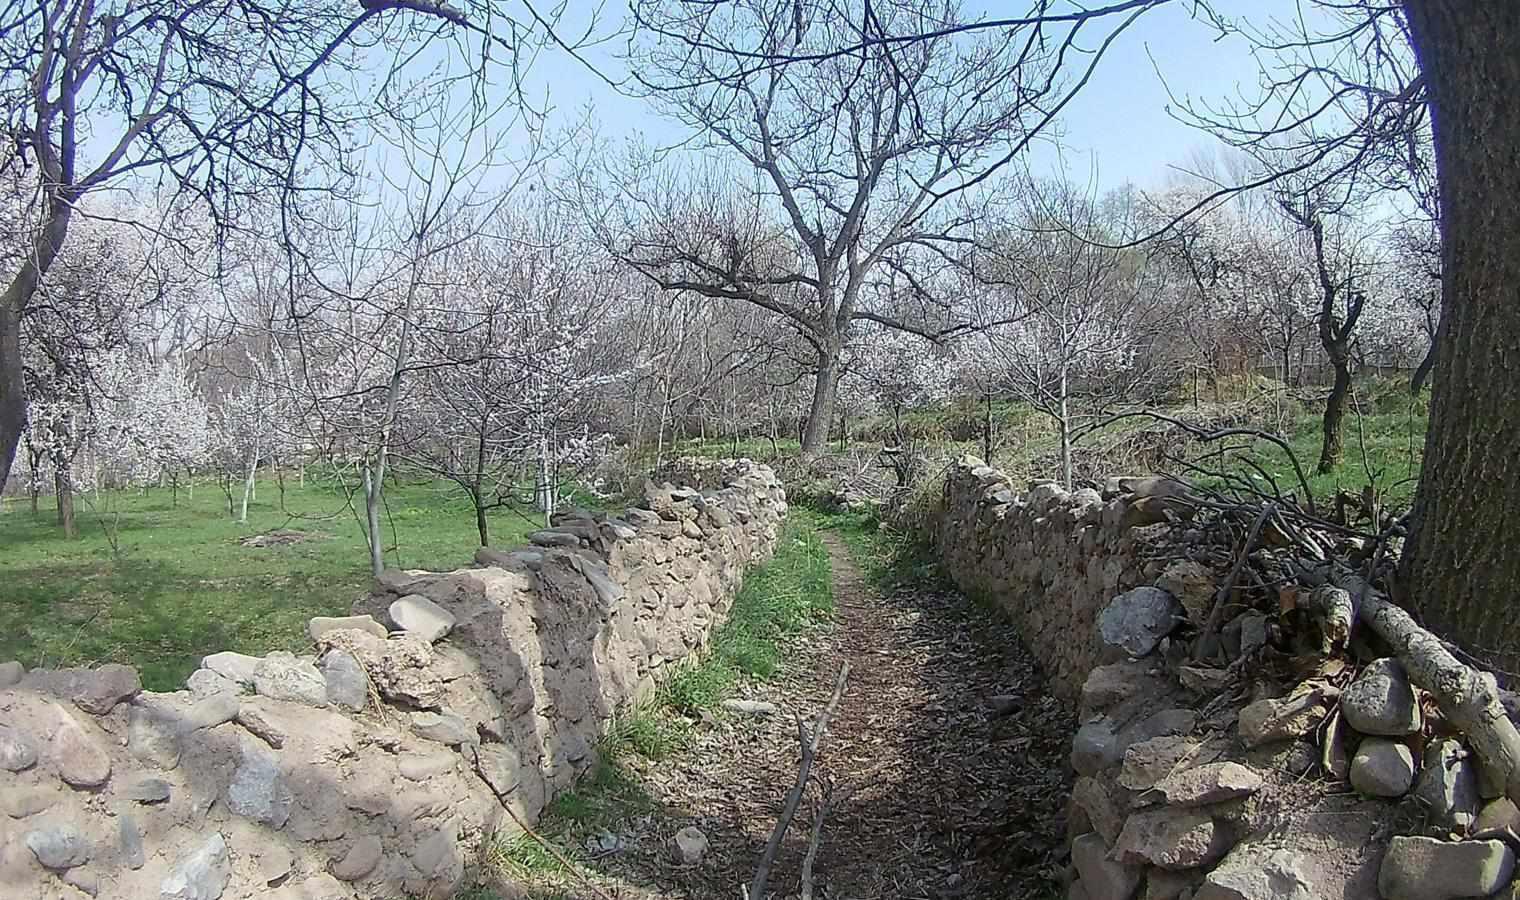 تفرجگاه ماهار زنوز، بهشتی خمارآلود